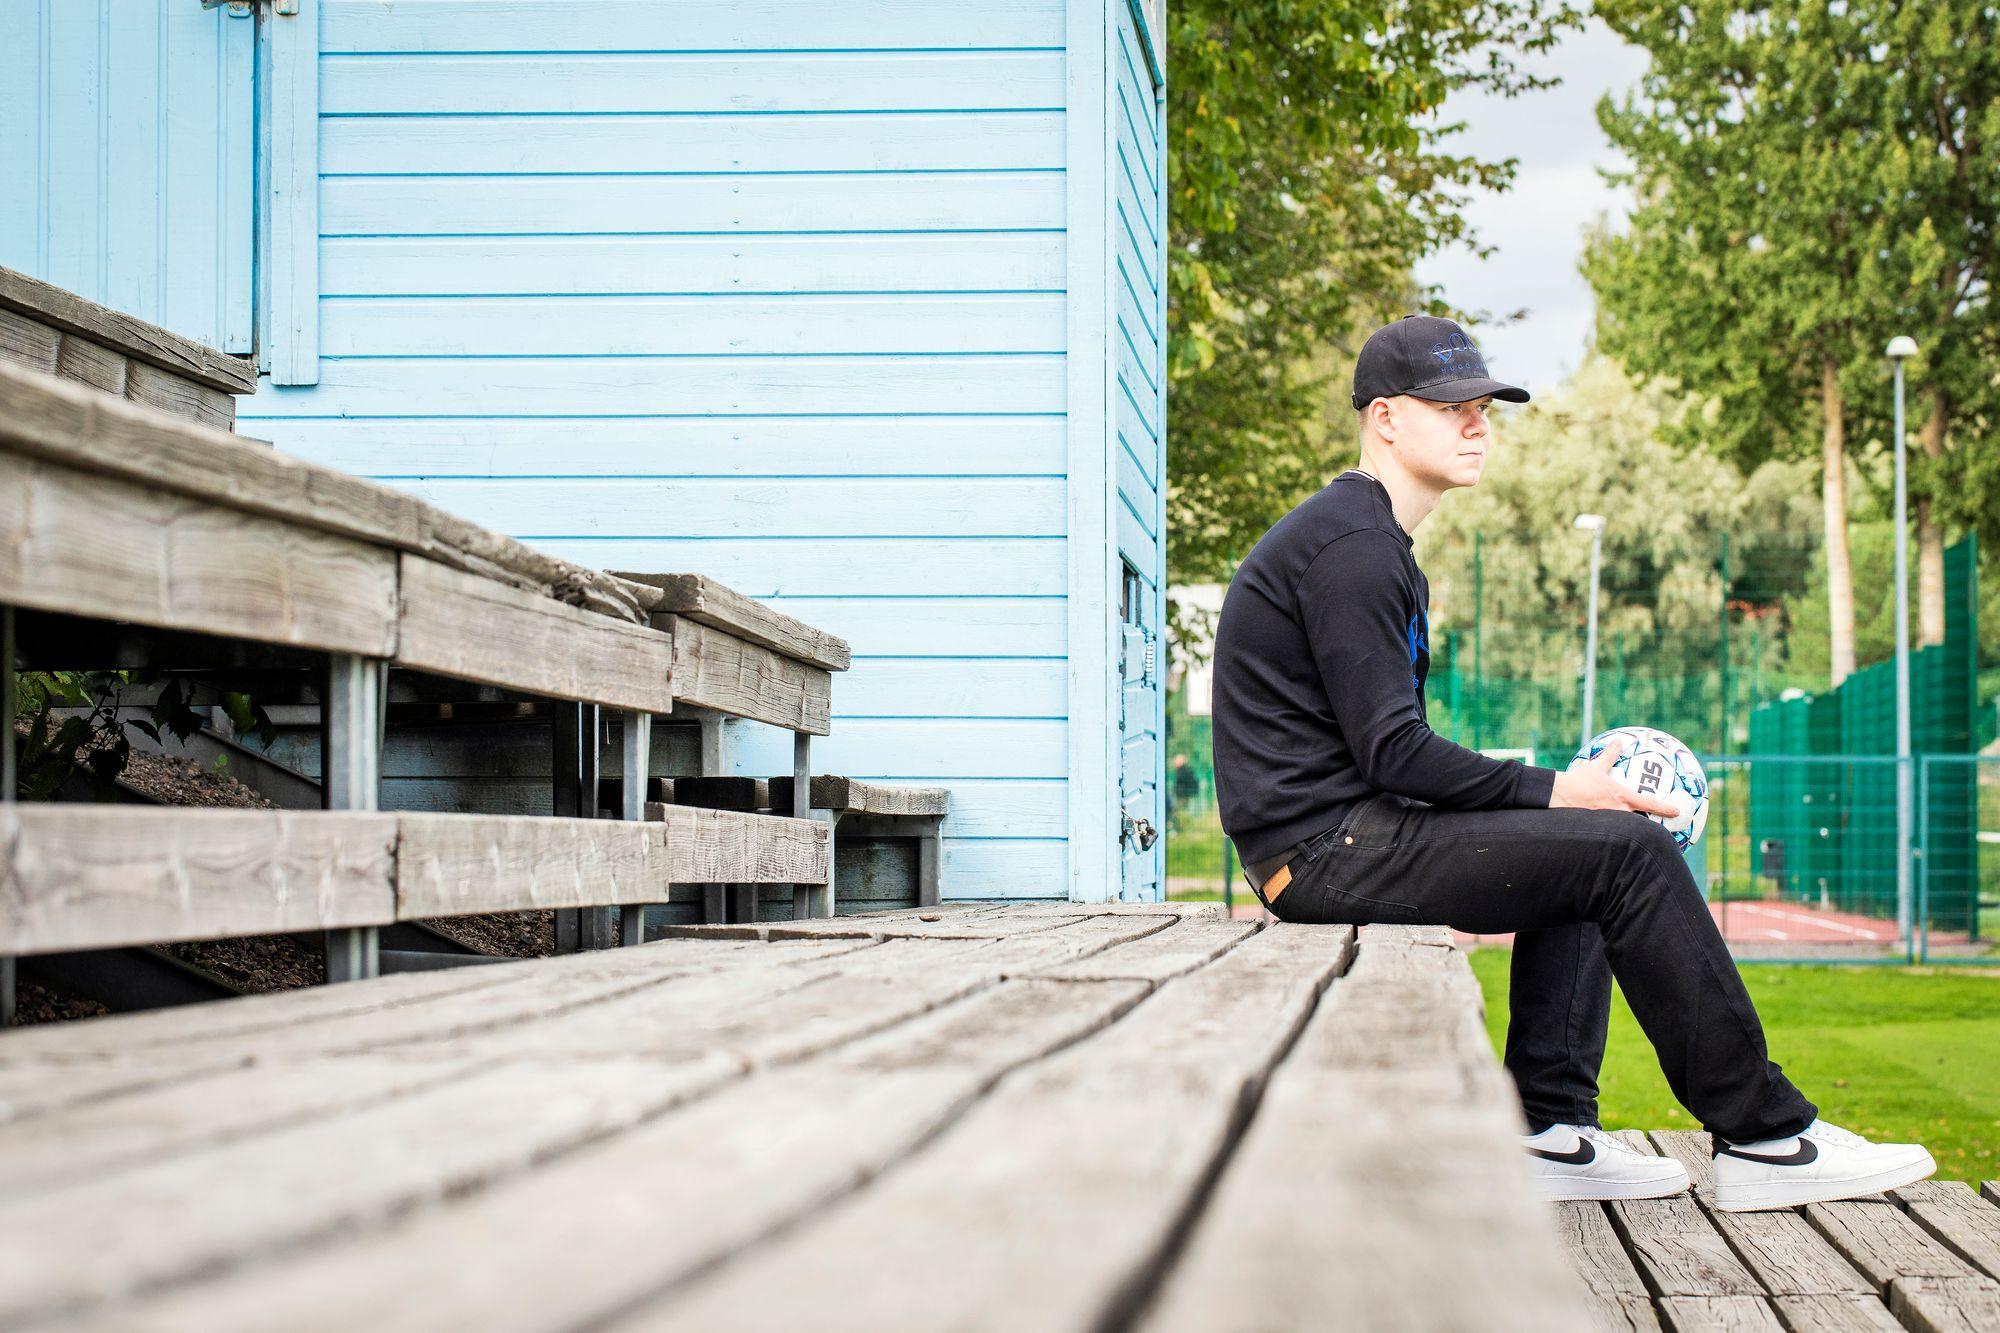 """Lukas Kuivalainen sanoo, että jalkapalloyhteisö on pitänyt hänet erossa paljosta pahasta. """"Ilman futista olisin varmaan ajautunut paljon enemmän tappeluihin"""", hän toteaa. © Jonne Räsänen"""